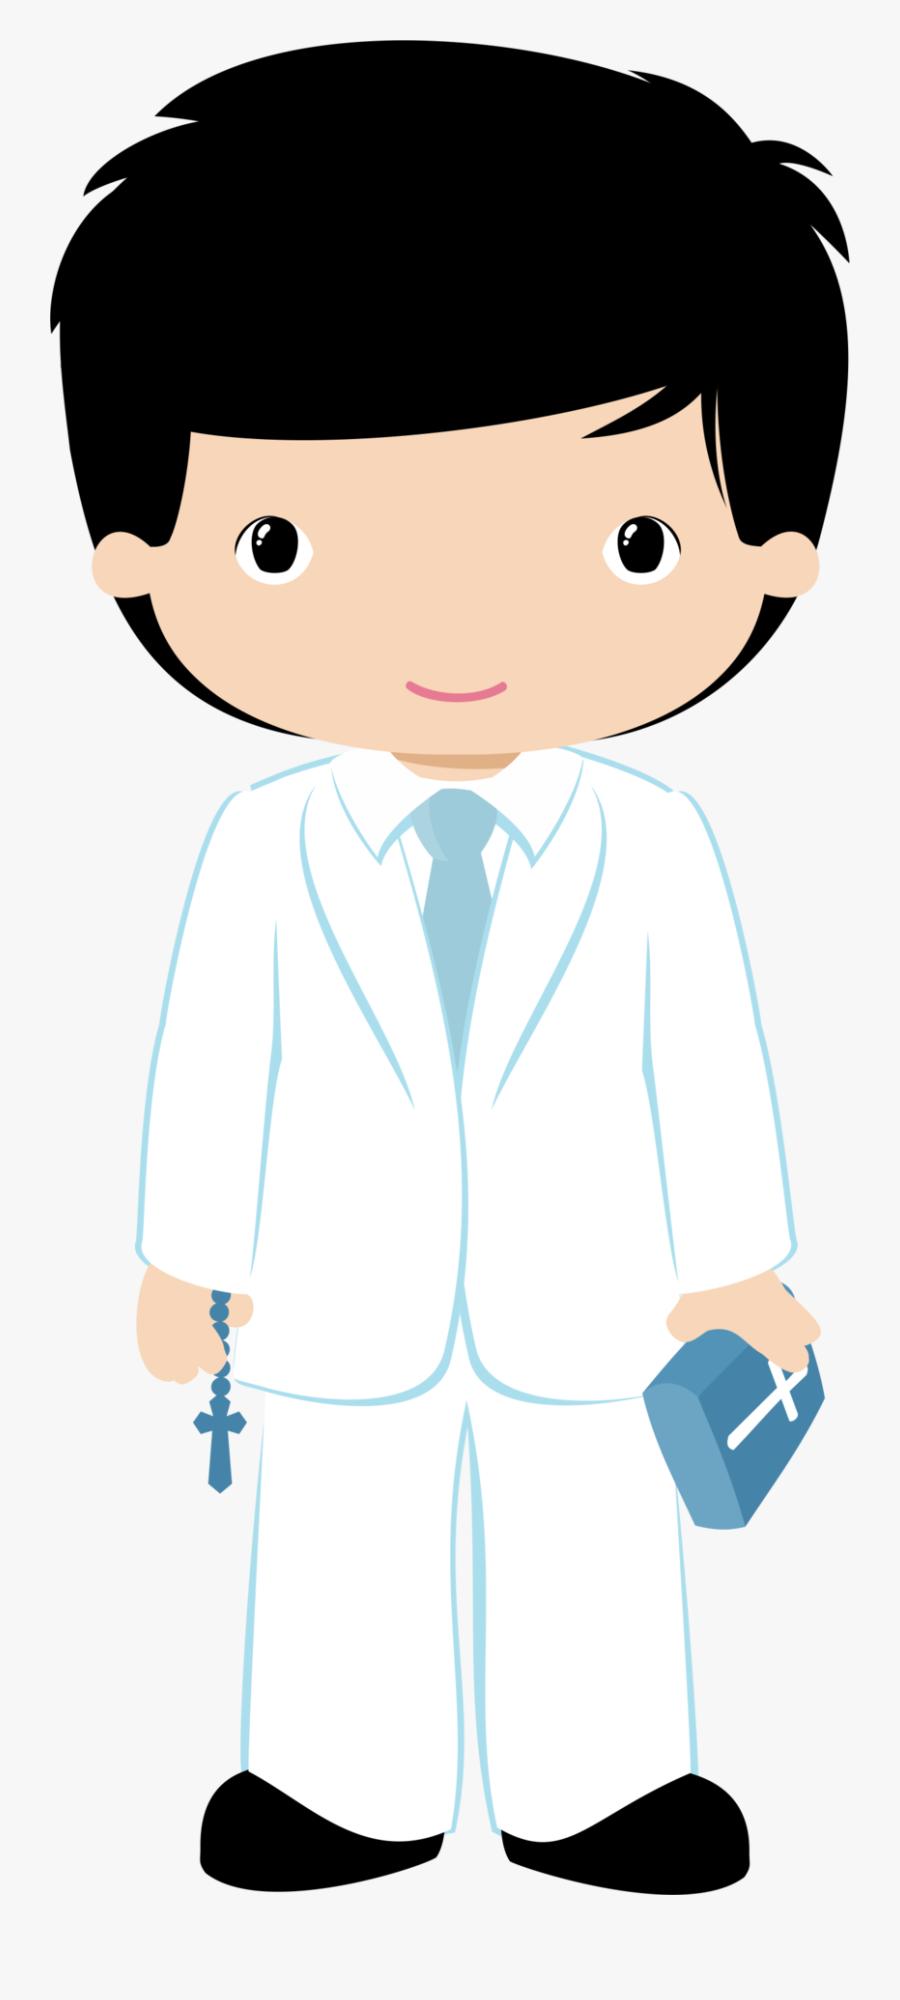 Clipart Free Stock Clipart Communion - Communion Boy Clipart, Transparent Clipart